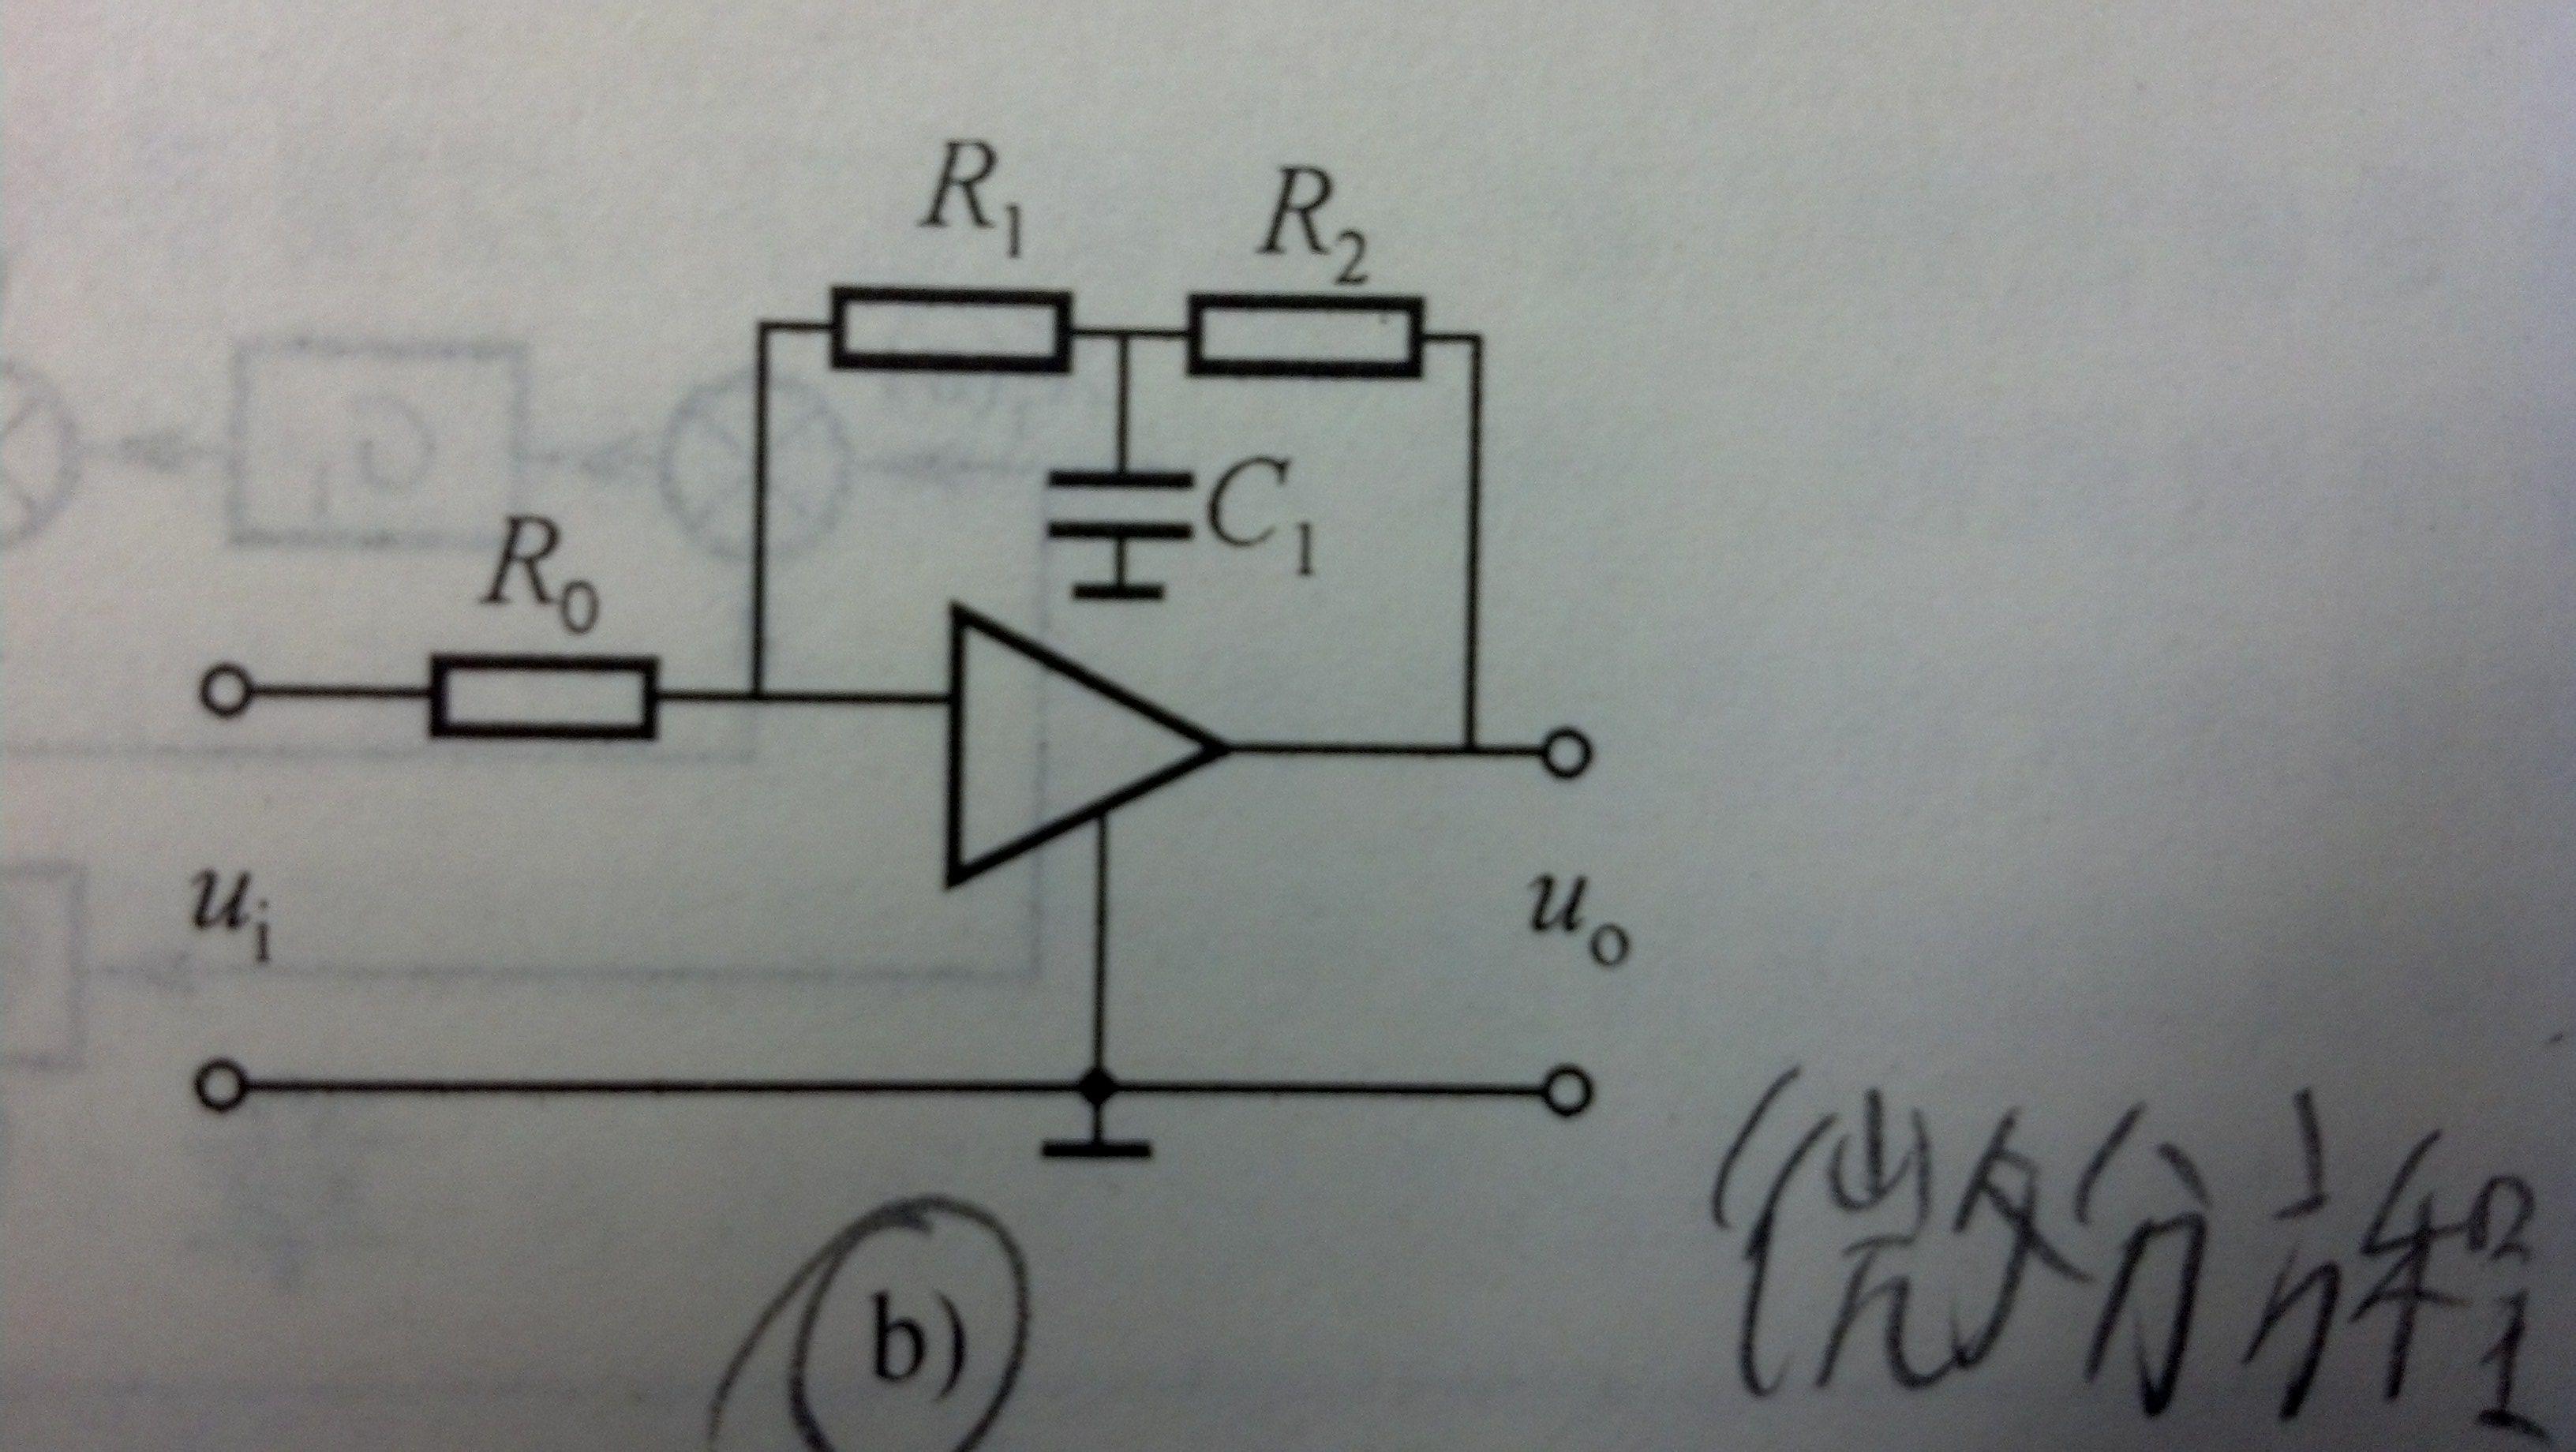 那个三角形的电路元件是什么?